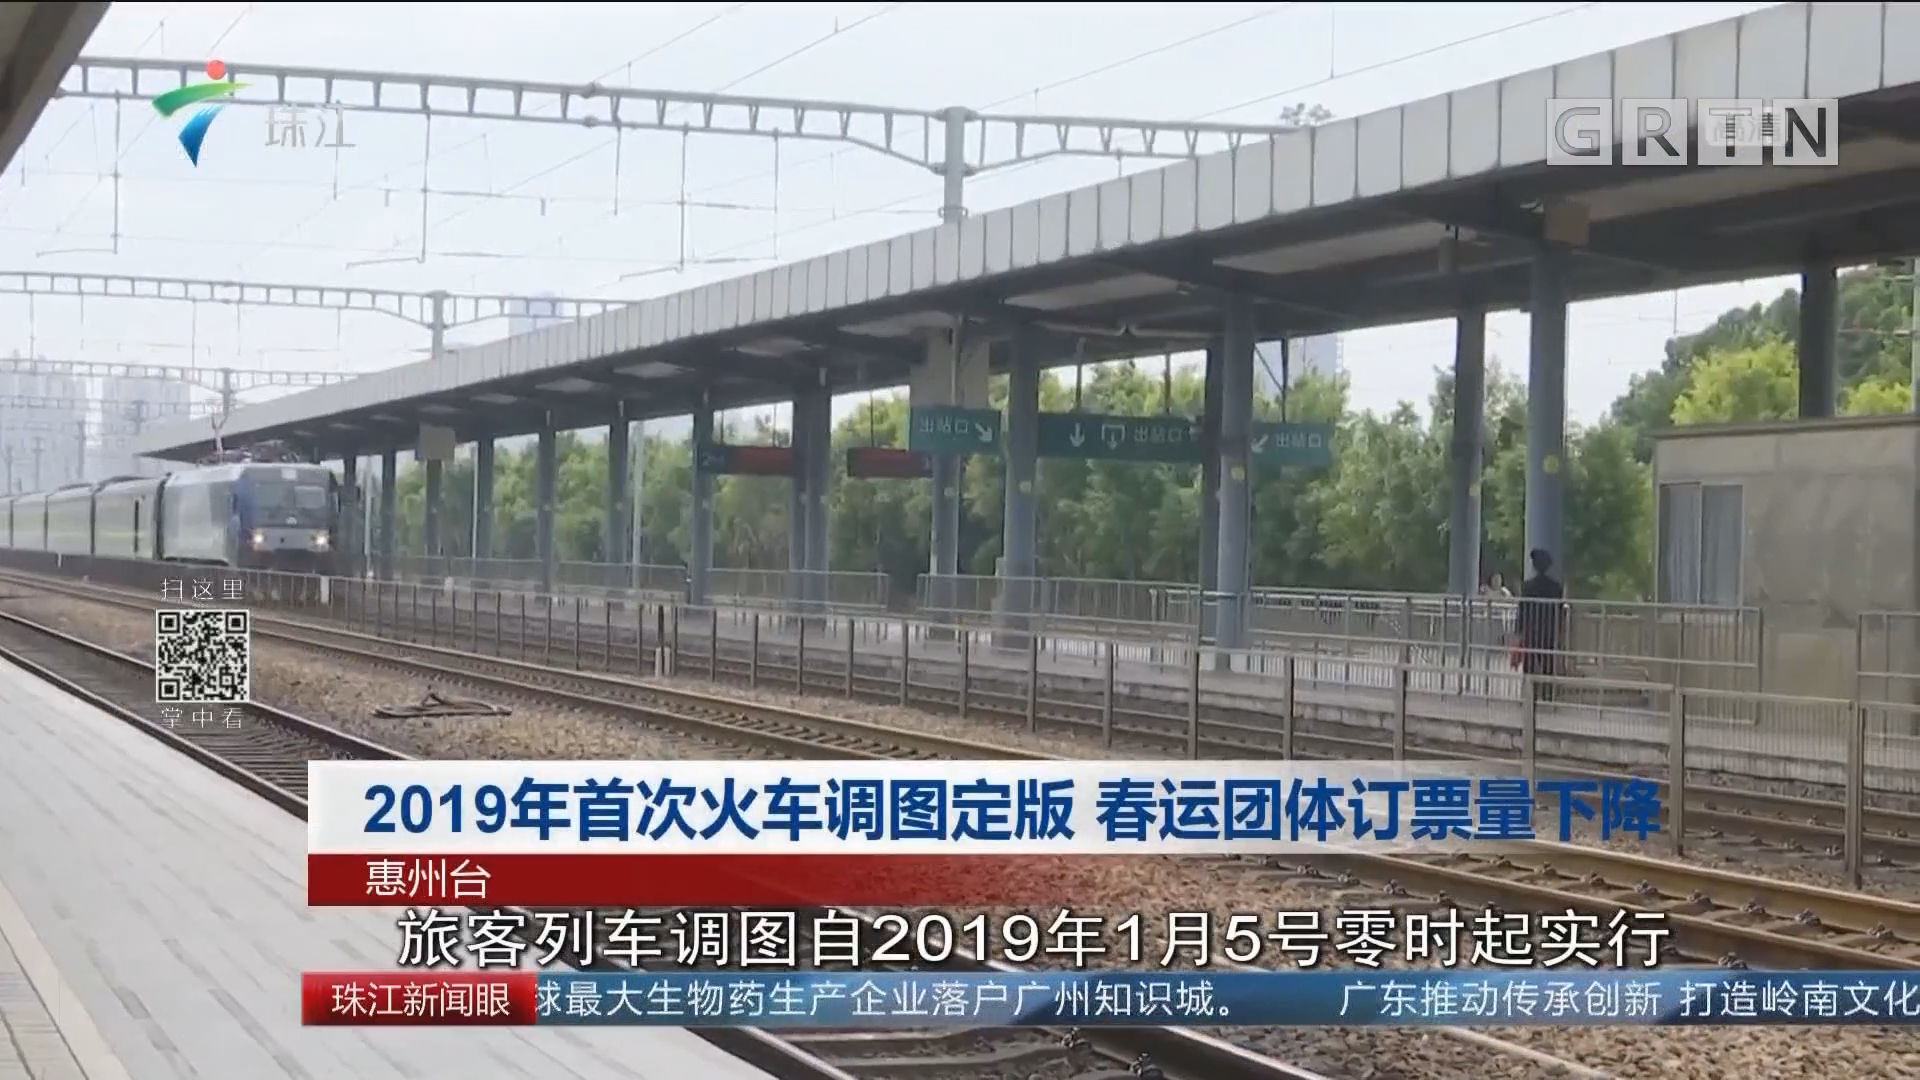 2019年首次火车调图定版 春运团体订票量下降